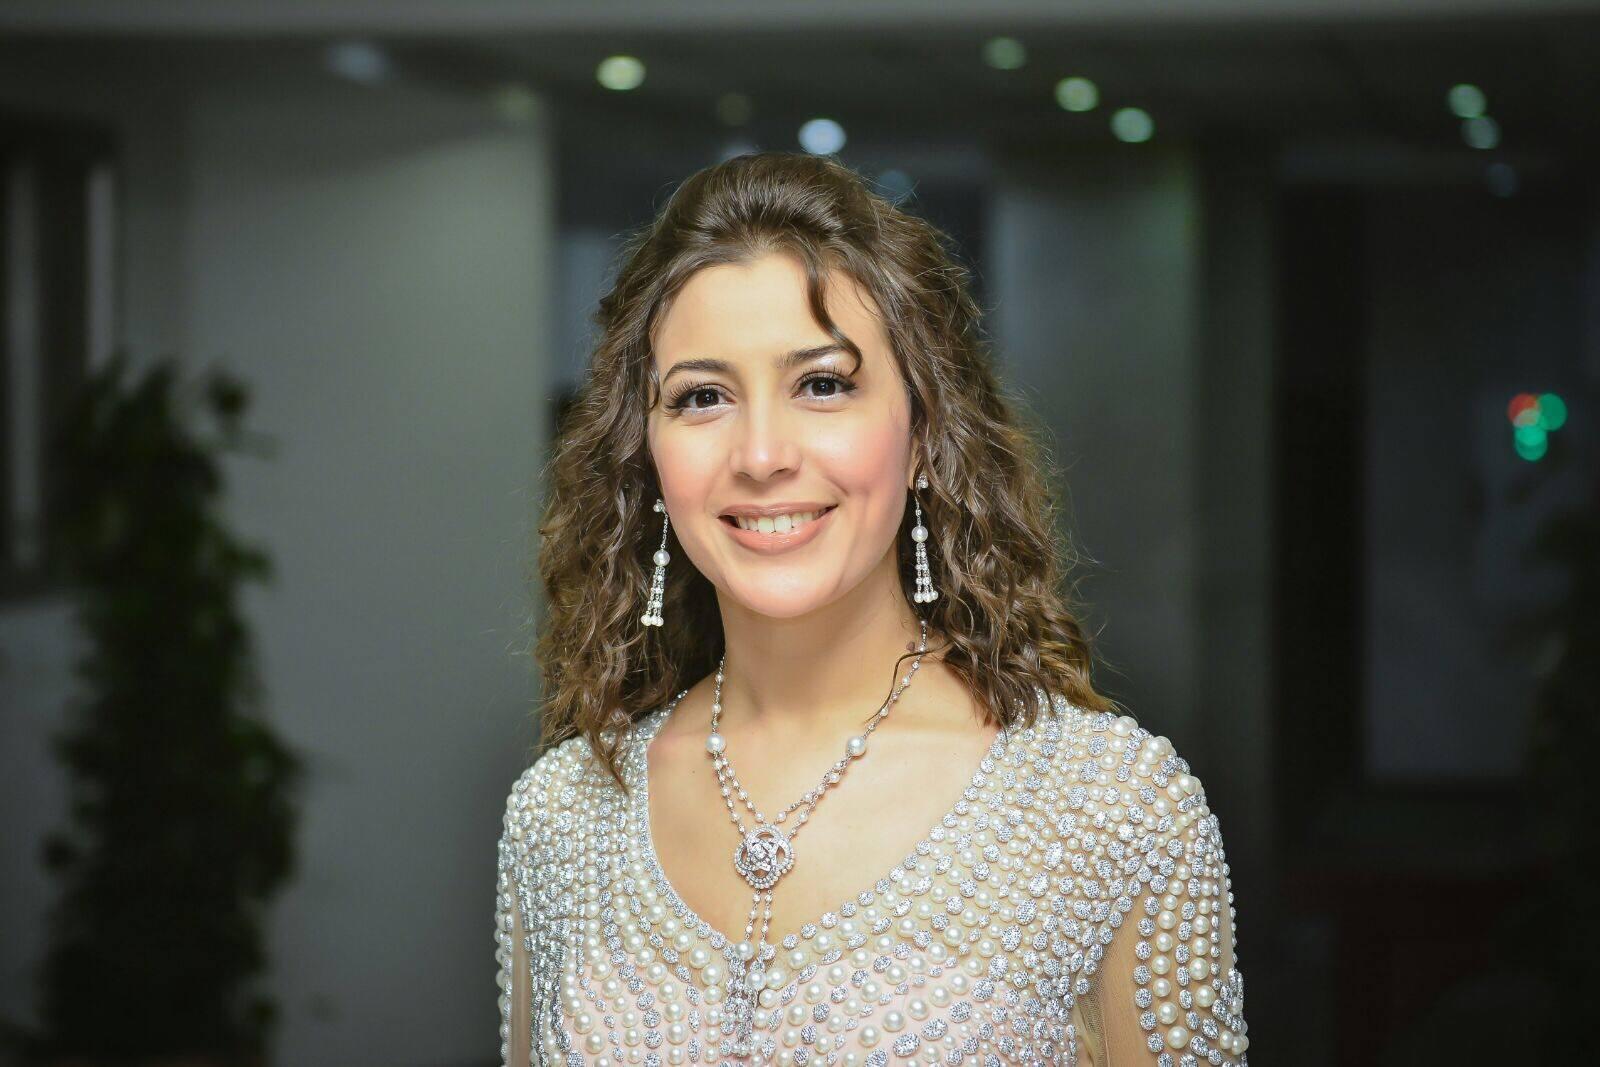 بالصور بنات مغربية , من هم البنات المغربيات و صور لهم 246